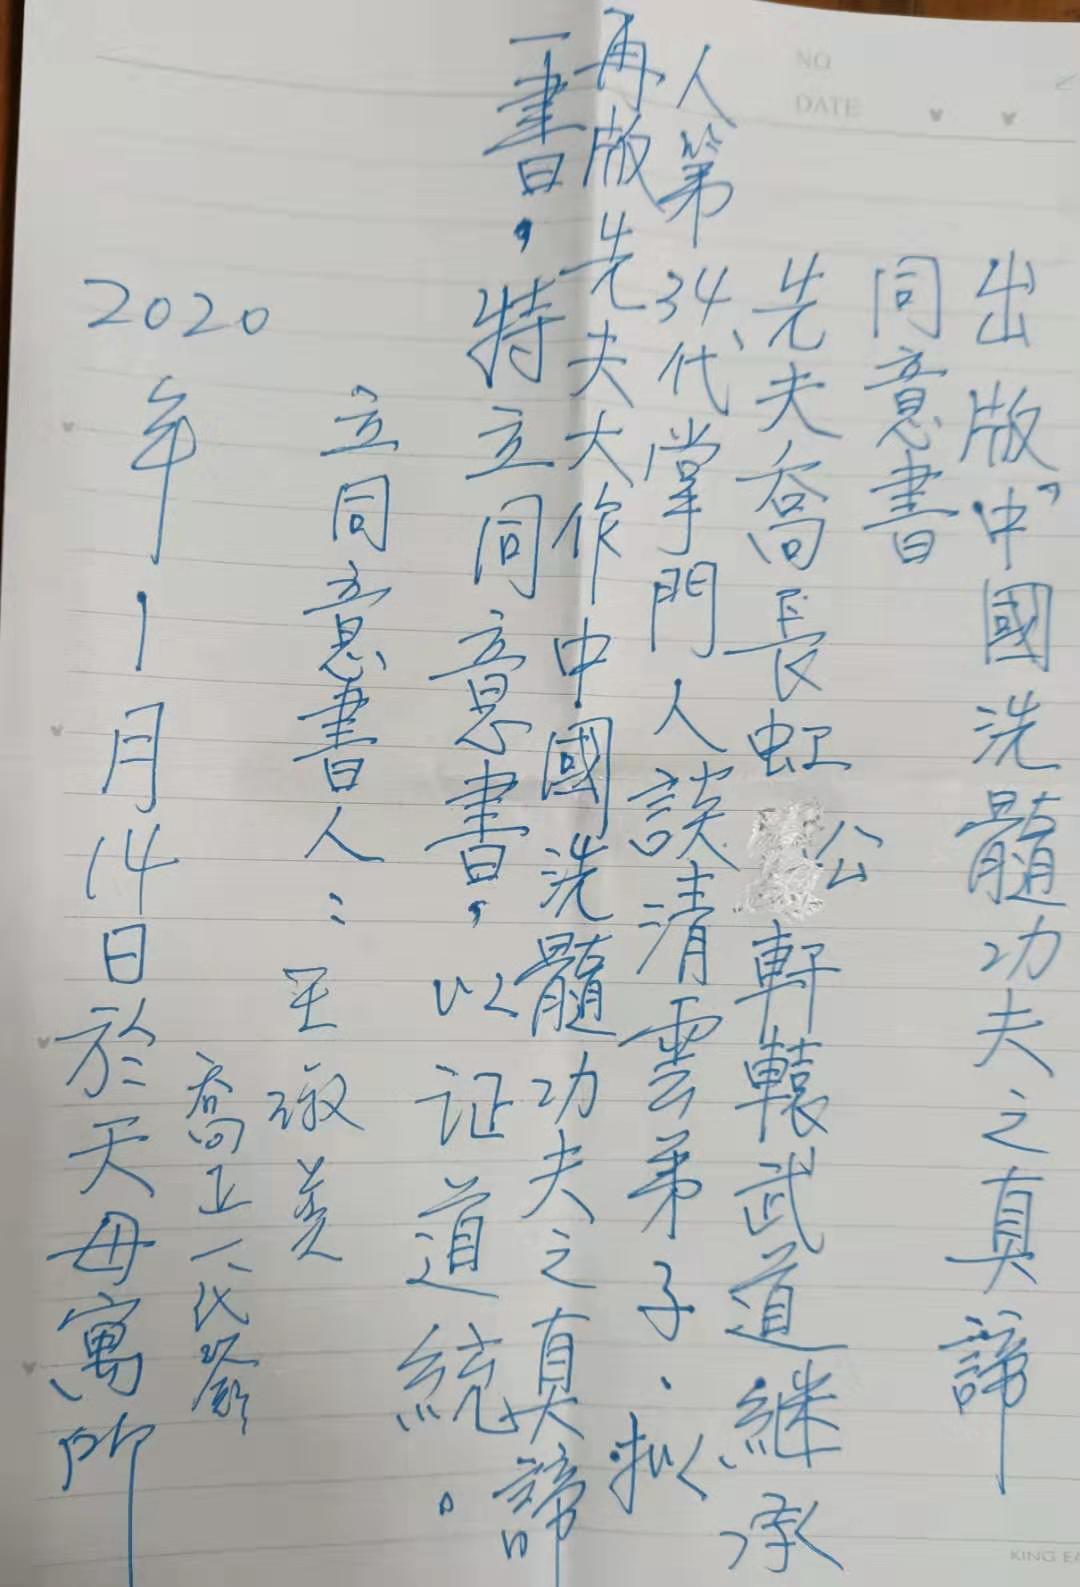 谈清云分享台湾以阴吊功(洗髓功)为气功入门之功法大约传自两大主流